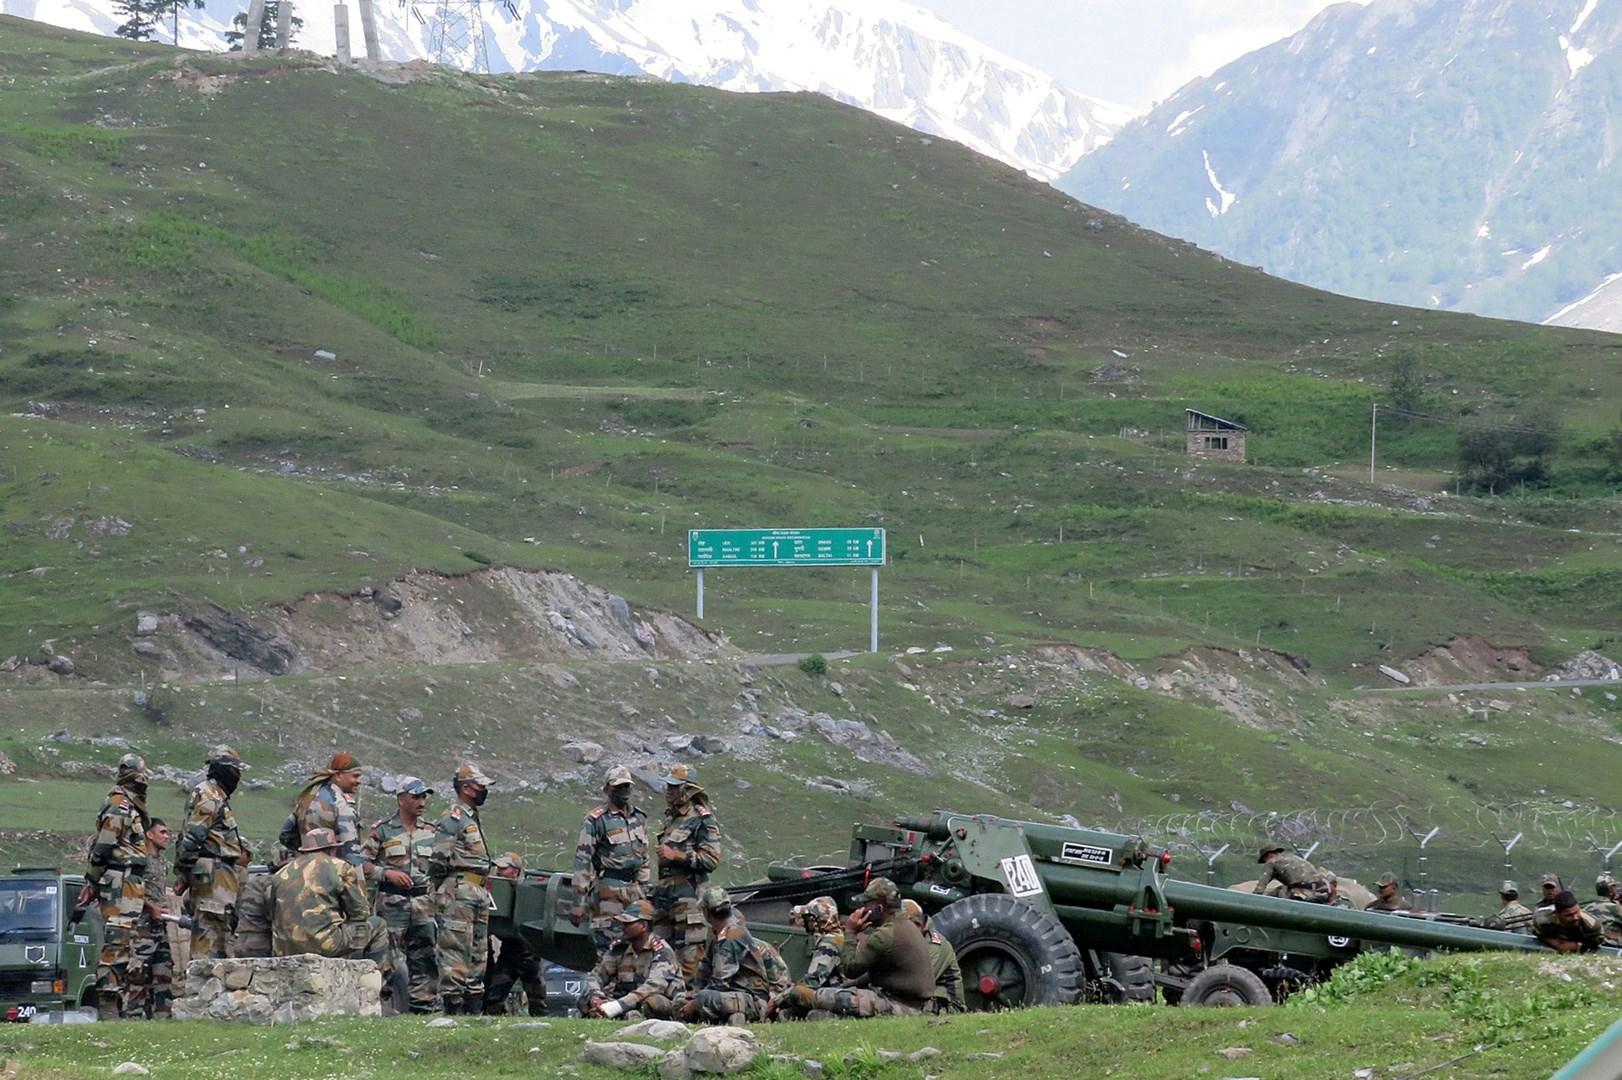 عناصر من الجيش الهندي قرب الحدود مع الصين